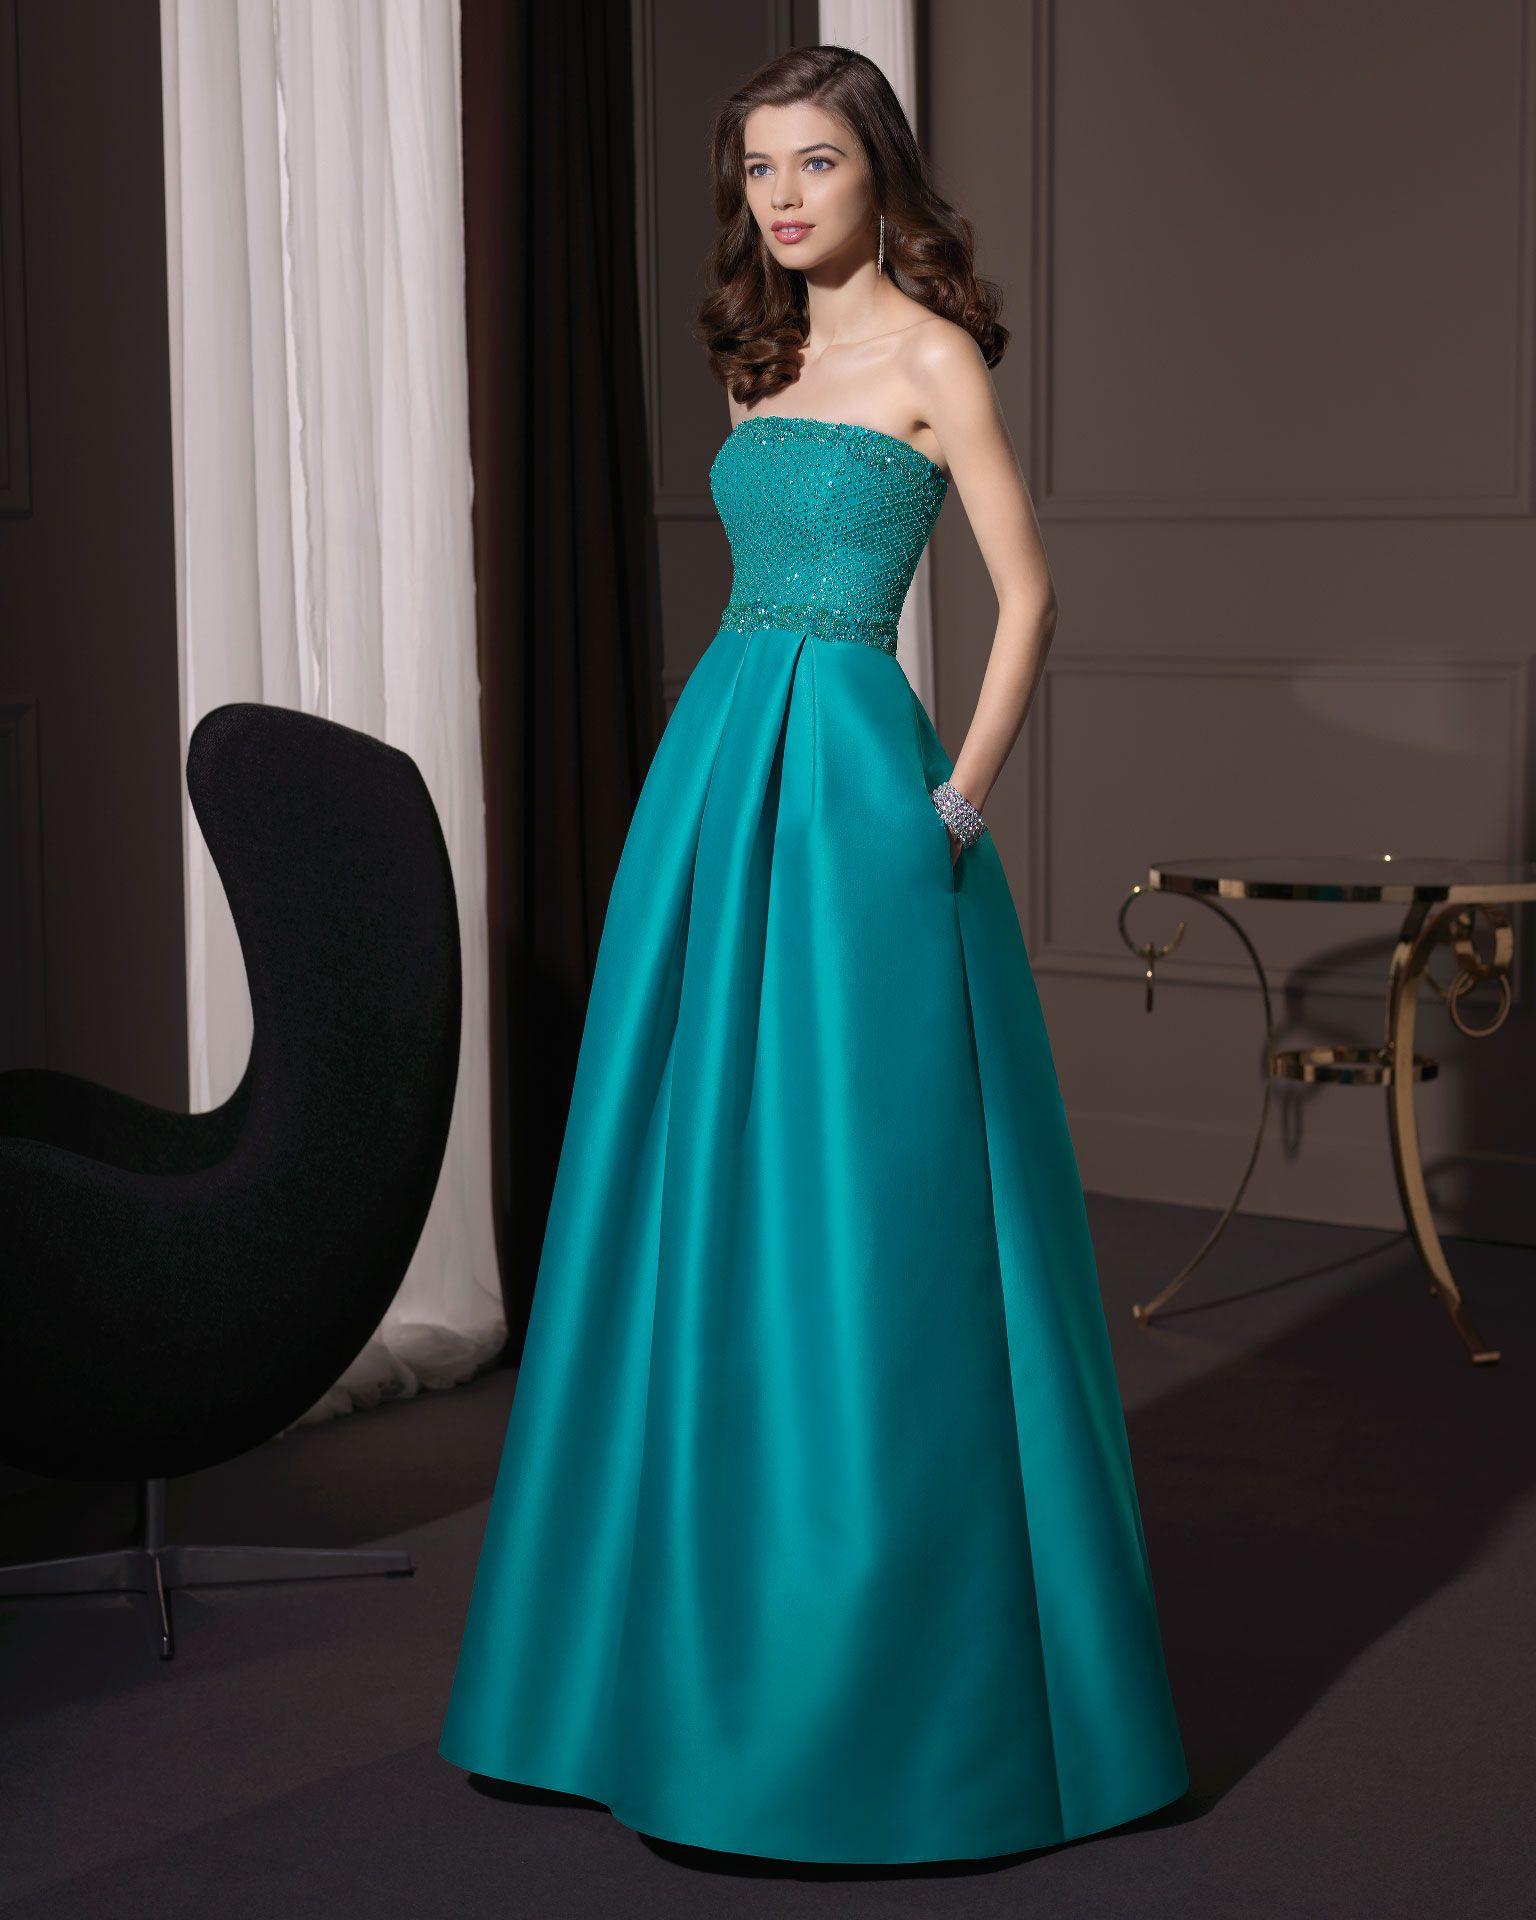 Vestidos para bodas de noche más deslumbrantes - ejemplos | Aire ...